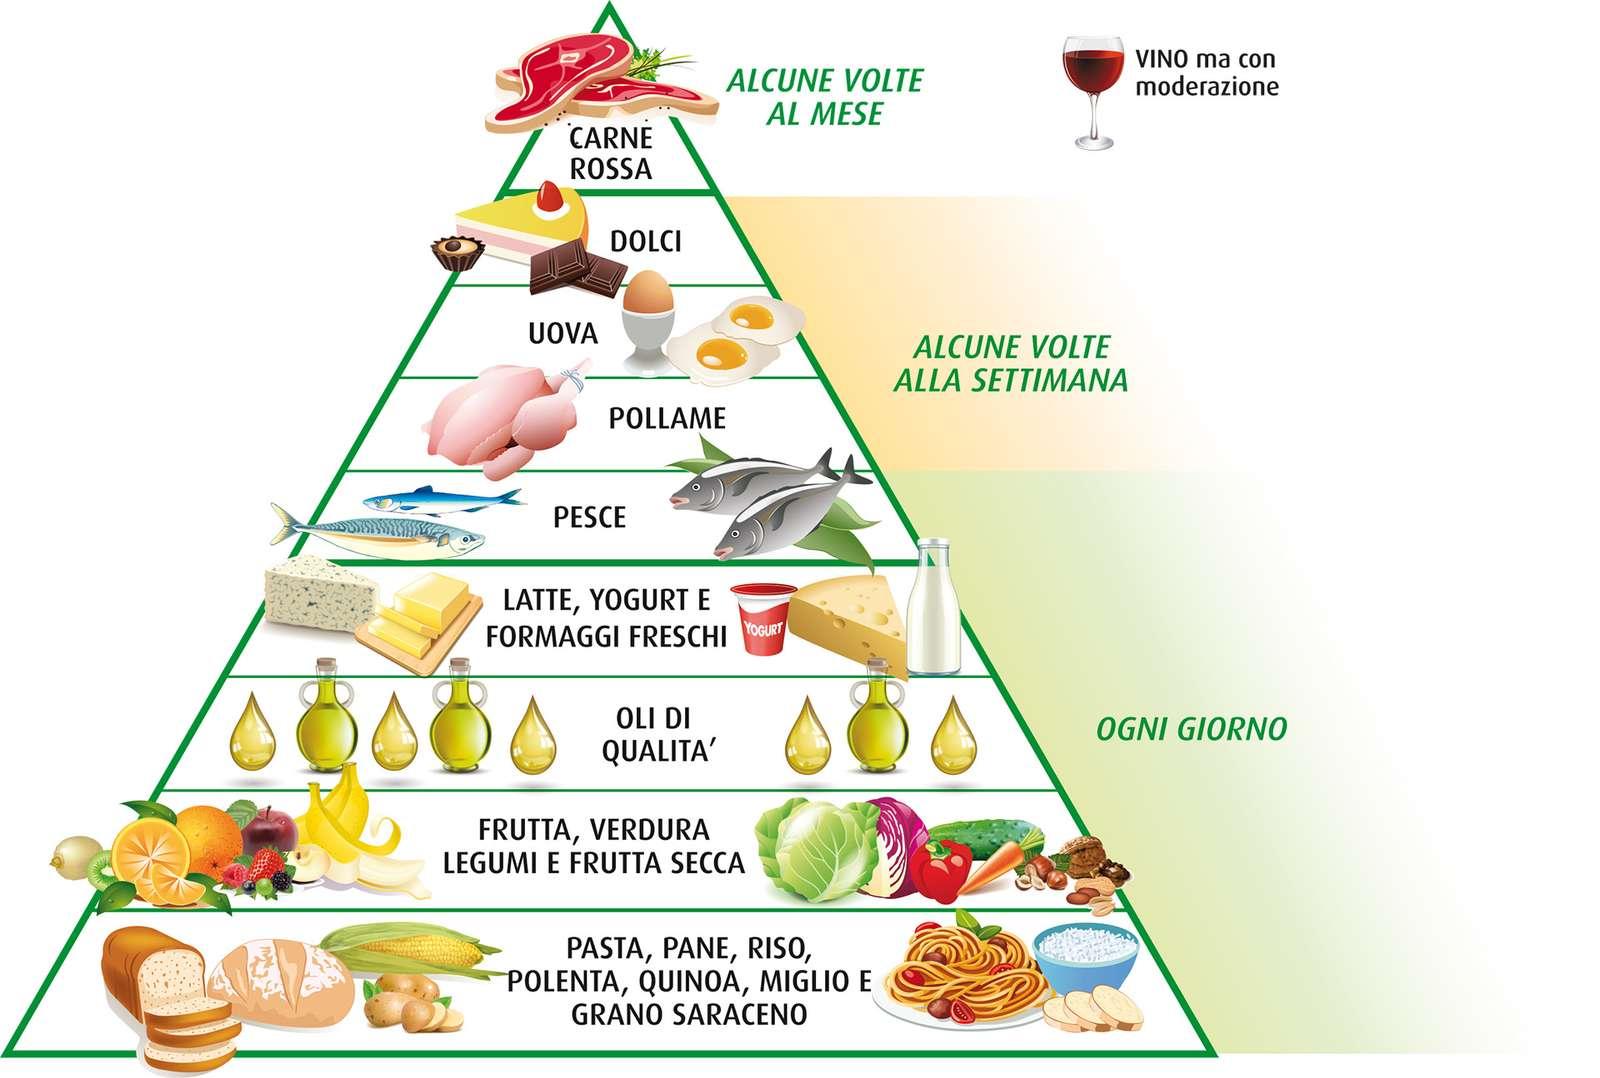 piramide alimentare - диета на средиземноморието и пирамида алиментар (6×6)